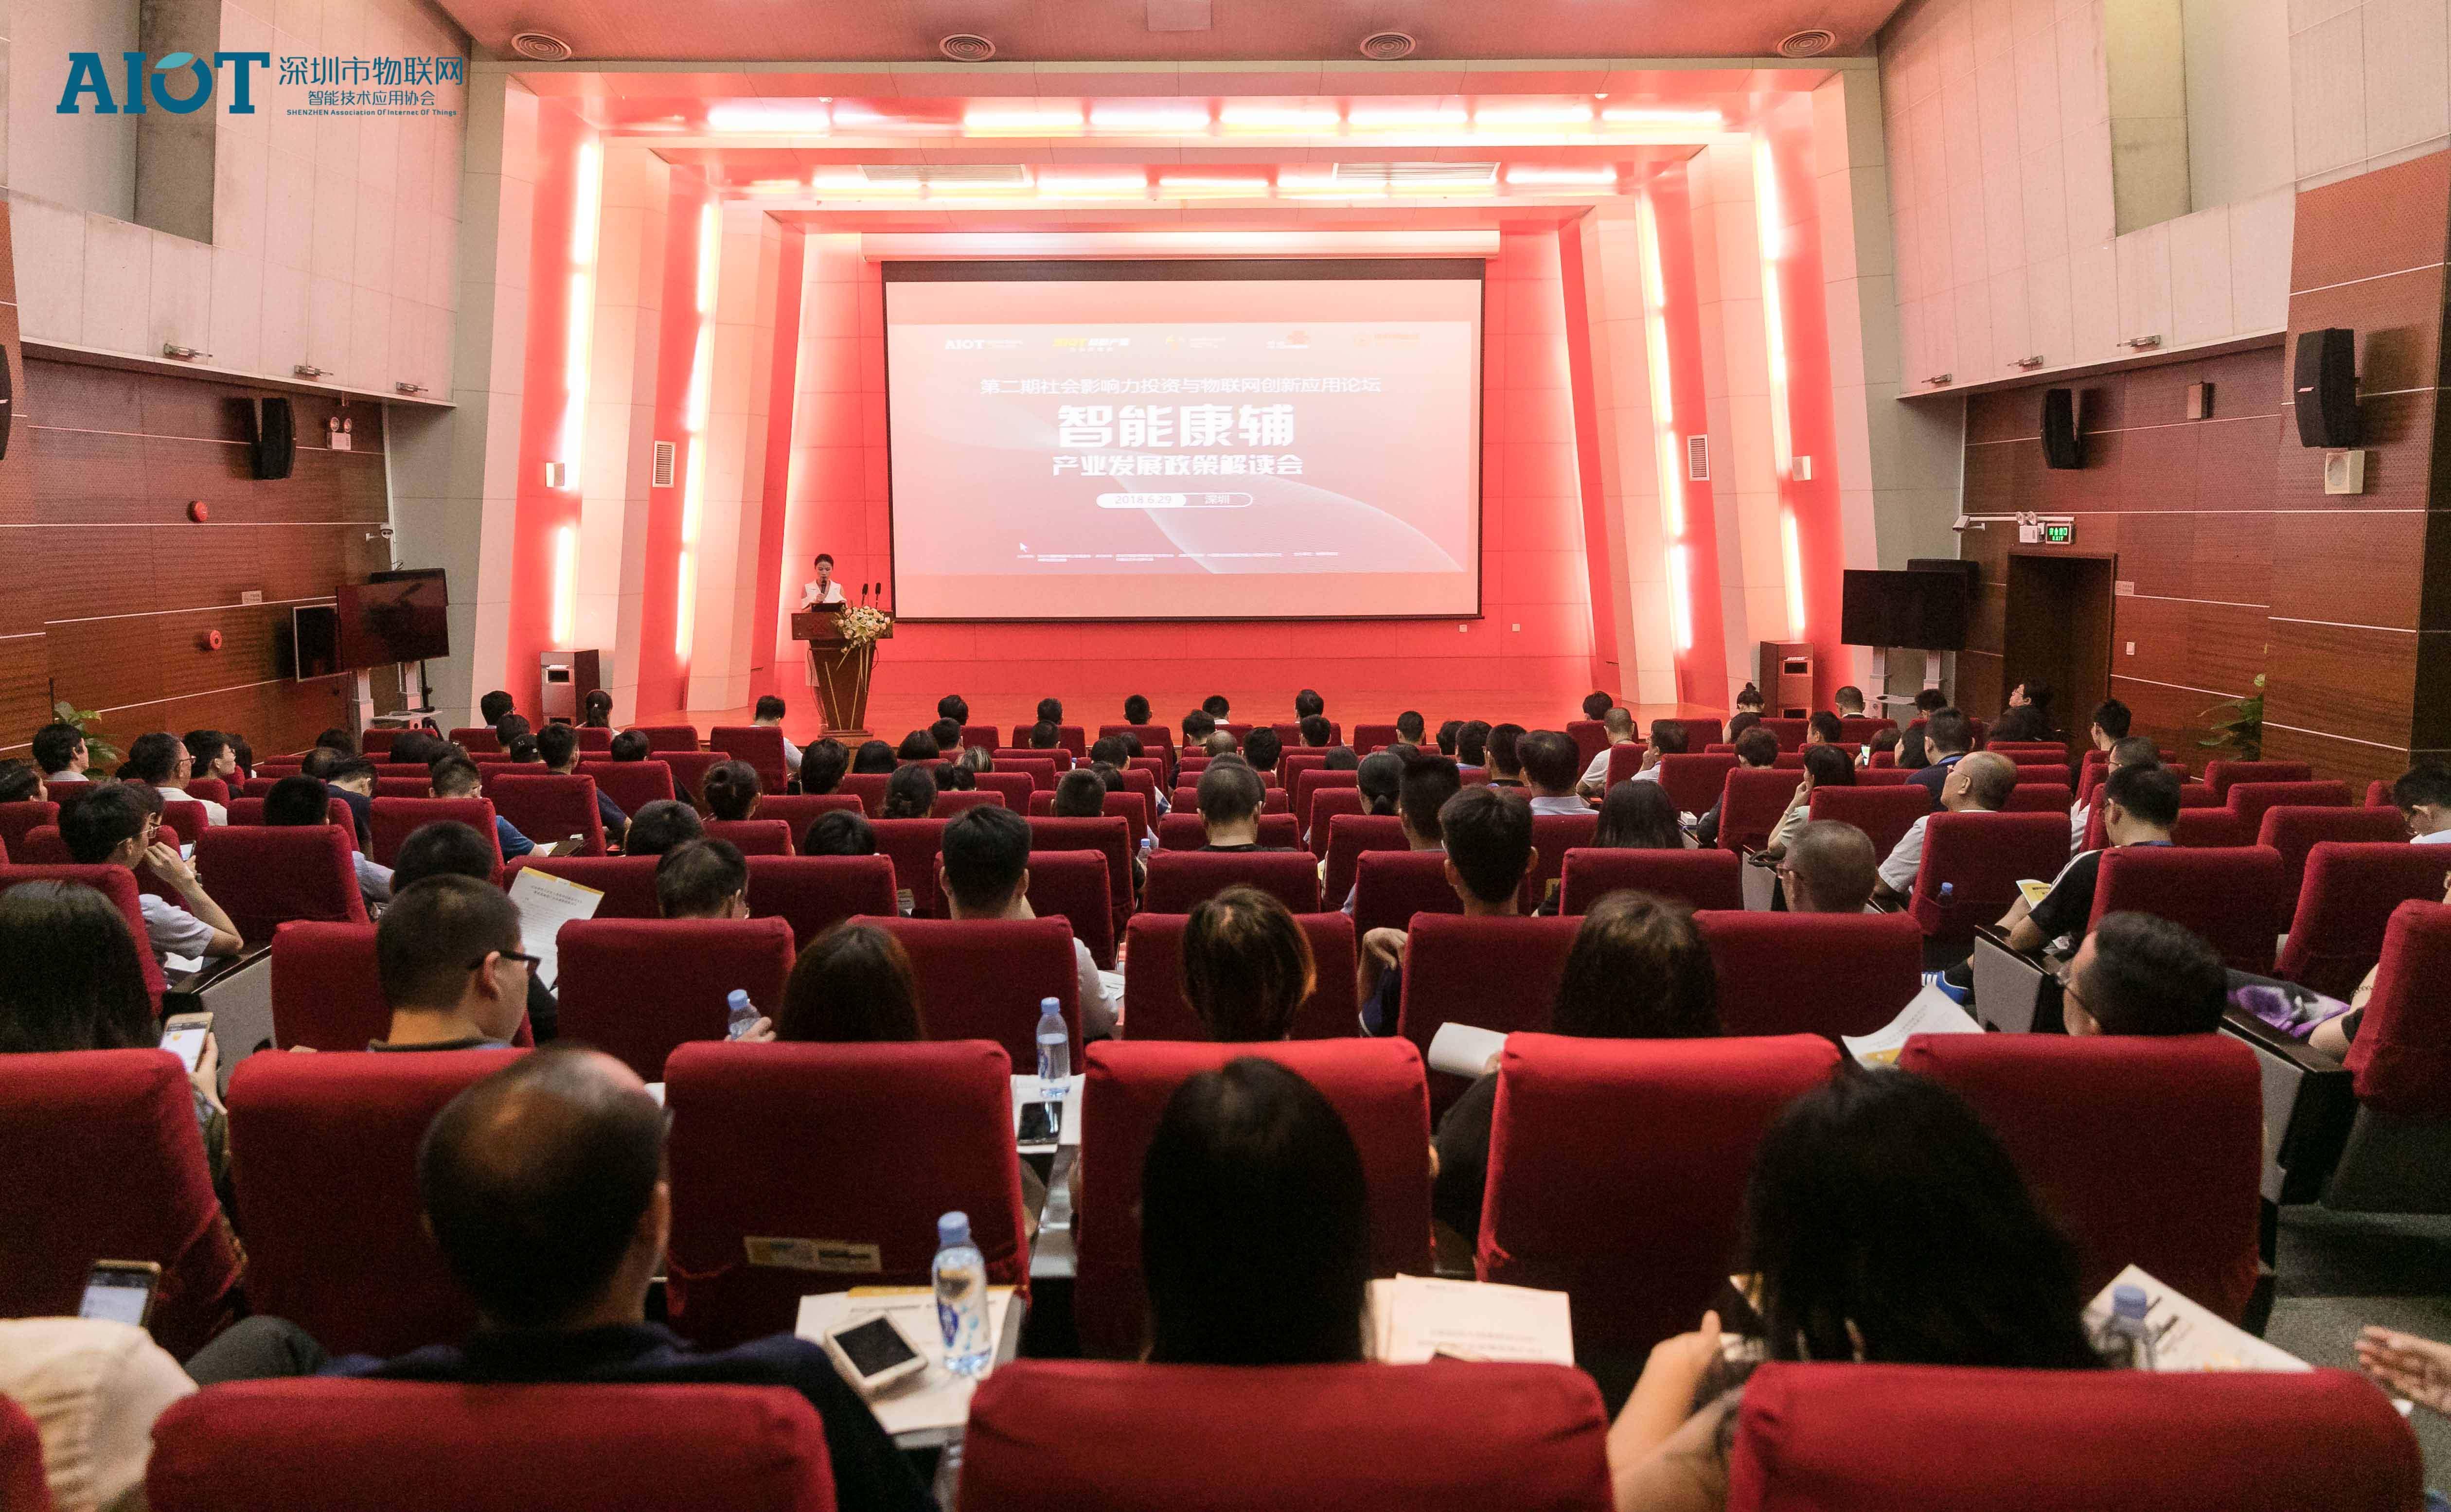 剑指智能康辅,深圳举办社会影响力投资与物联网创新论坛